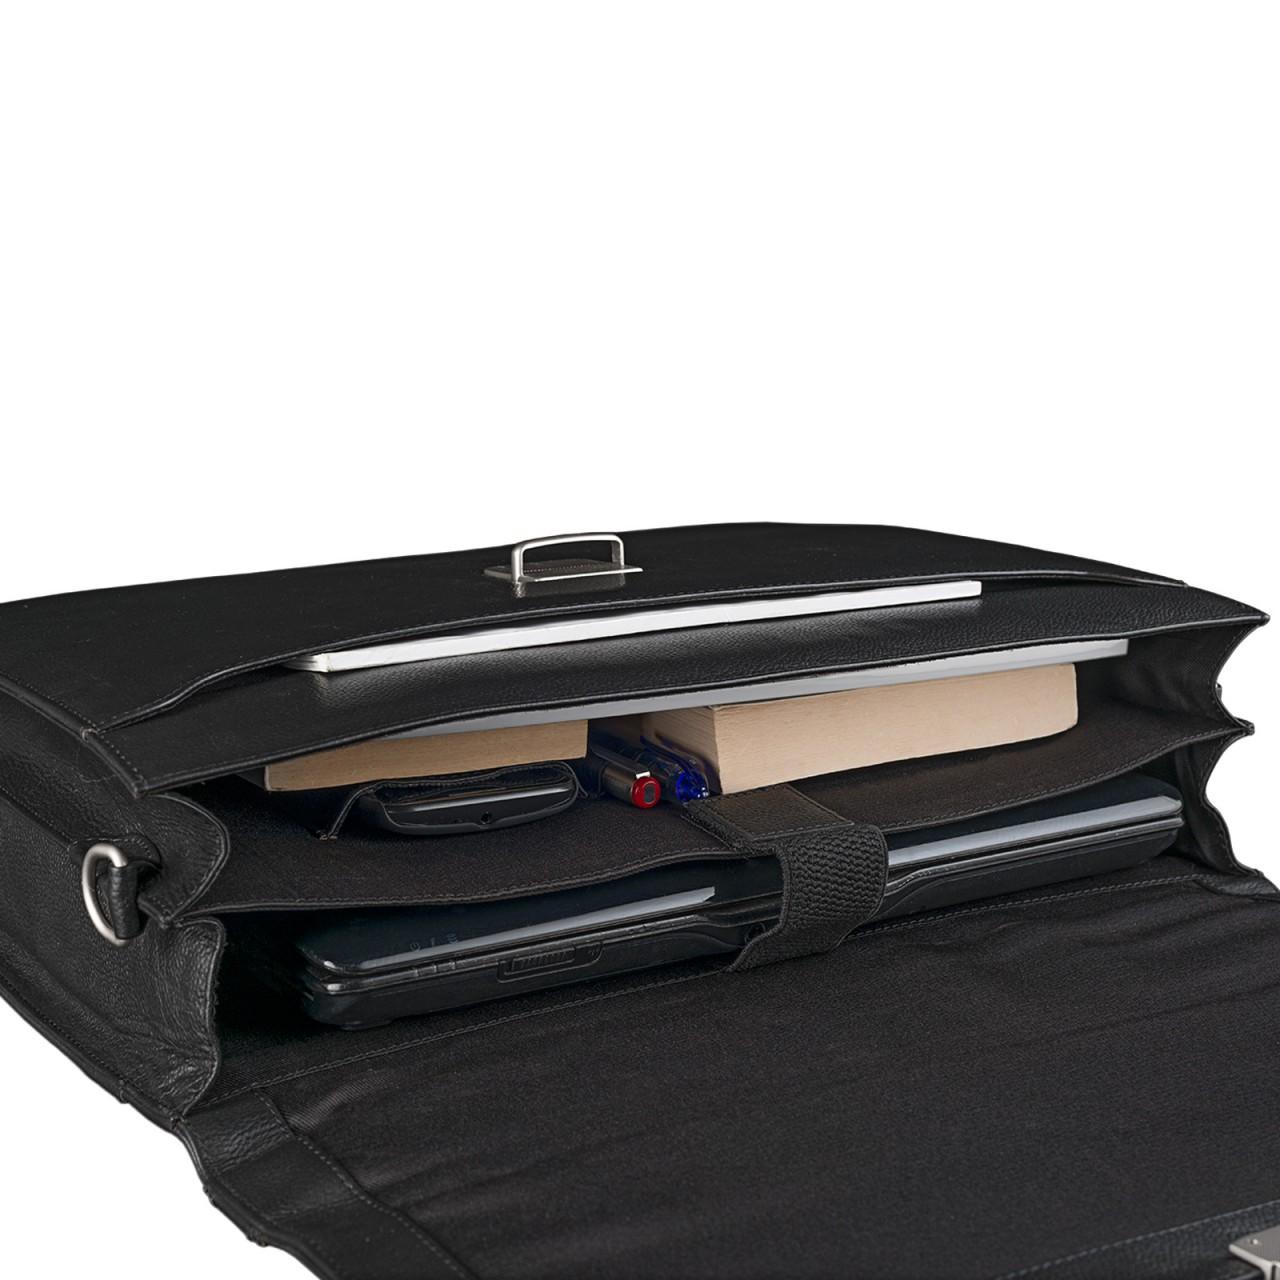 """STILORD """"Robert"""" Aktentasche Businesstasche 15,6 Zoll Laptopfach passend für große DIN A4 Ordner mit Schloss Rinds Leder - Bild 3"""